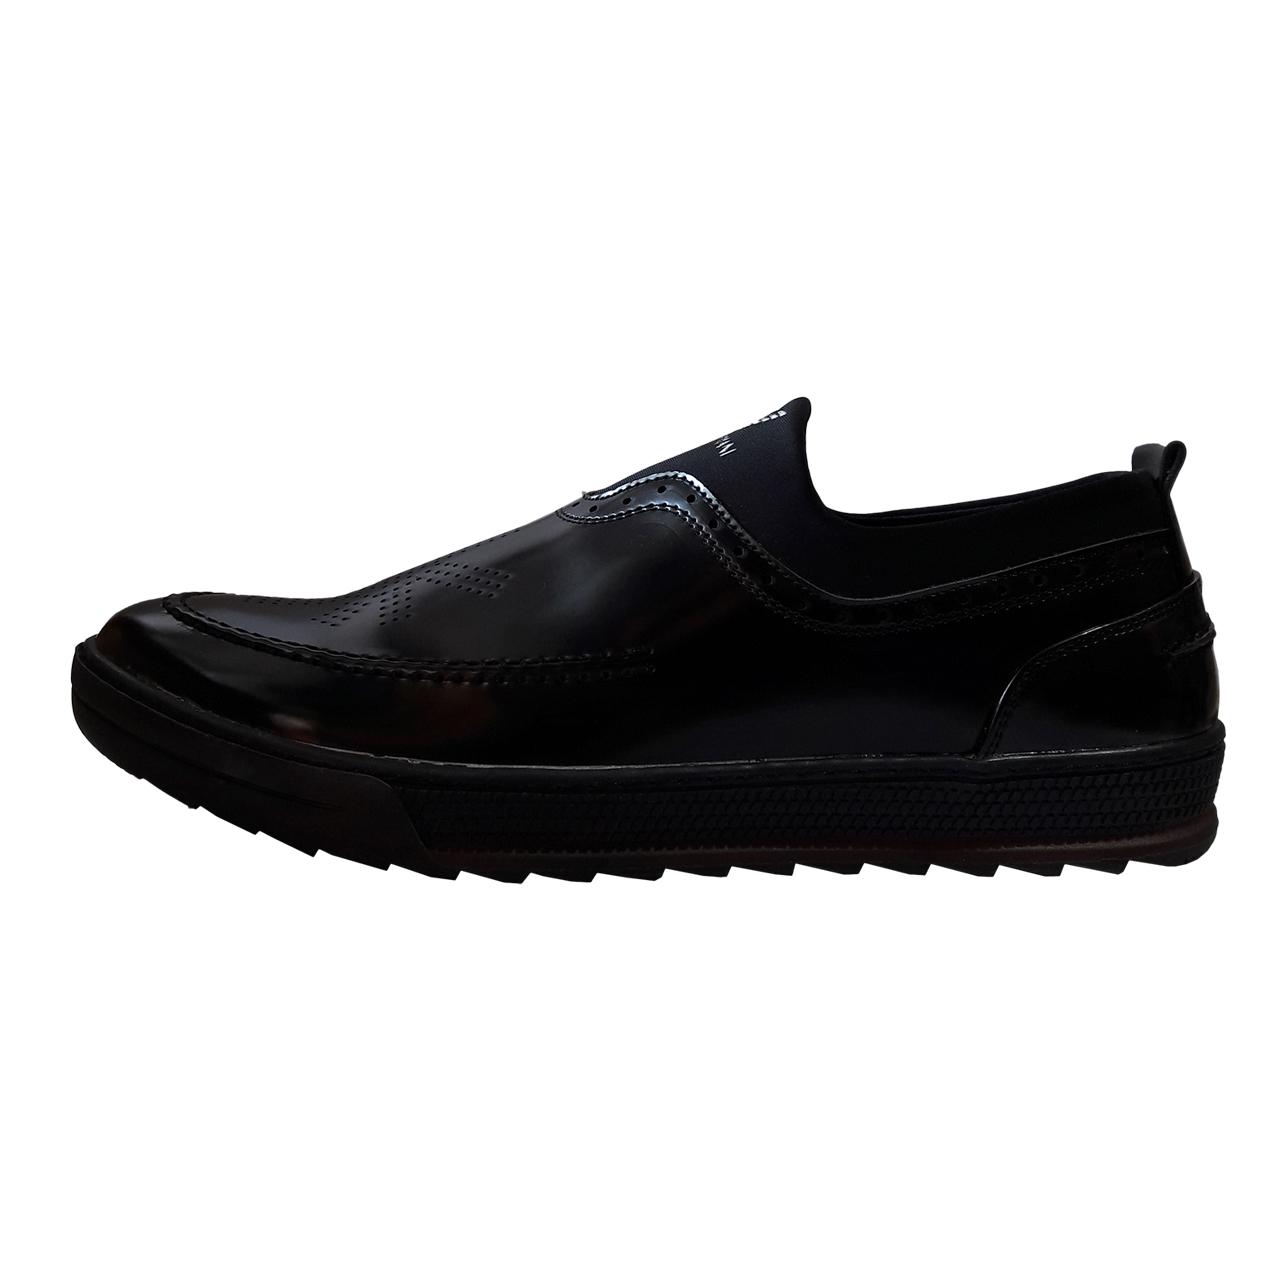 قیمت کفش مردانه لاماسو مدل Armani bl2